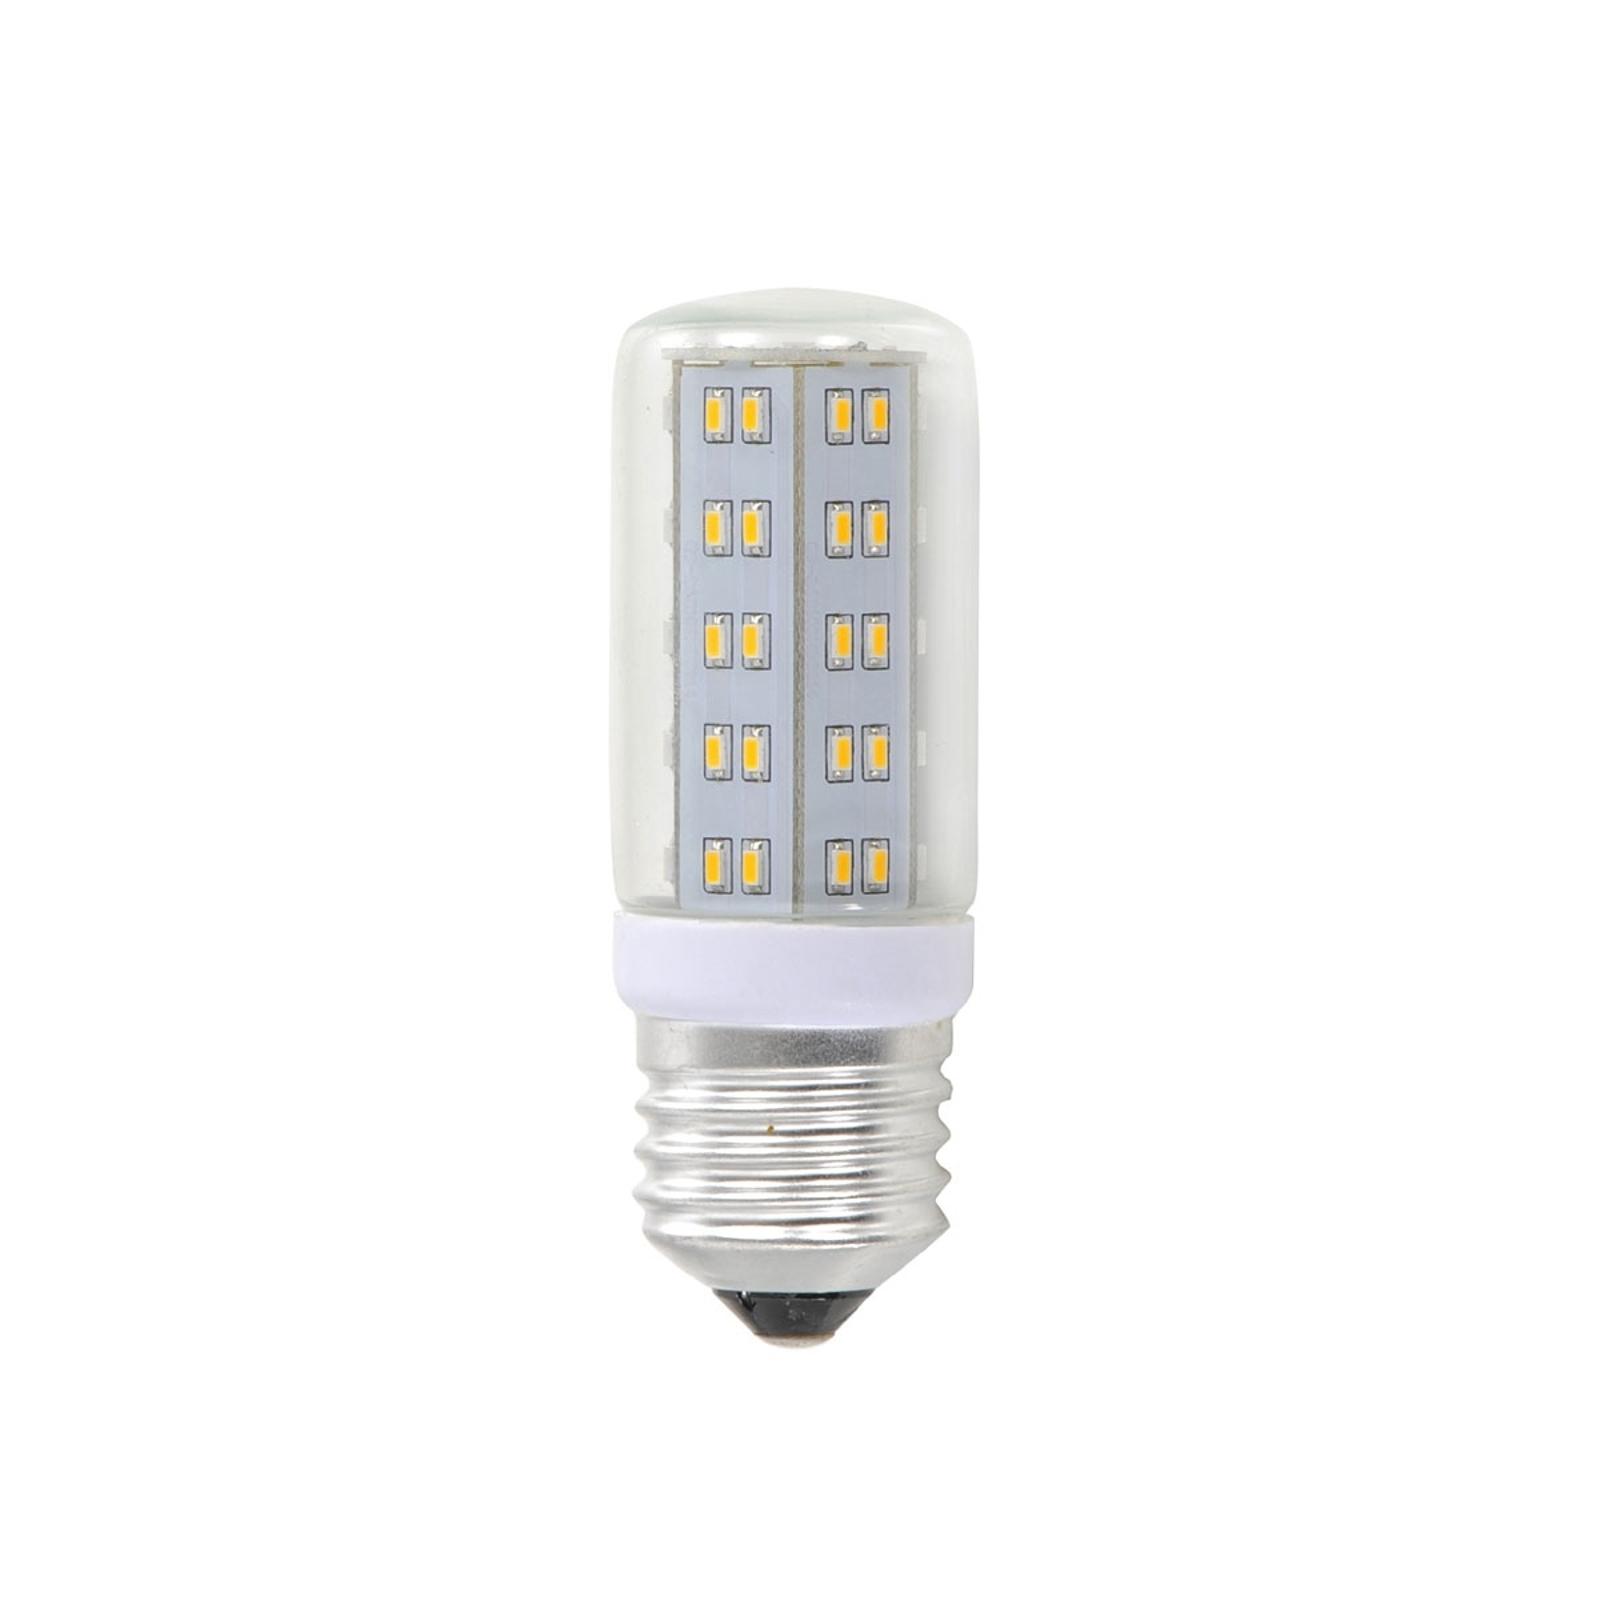 E9 9W LED Lampe in Röhrenform klar mit 9 LEDs